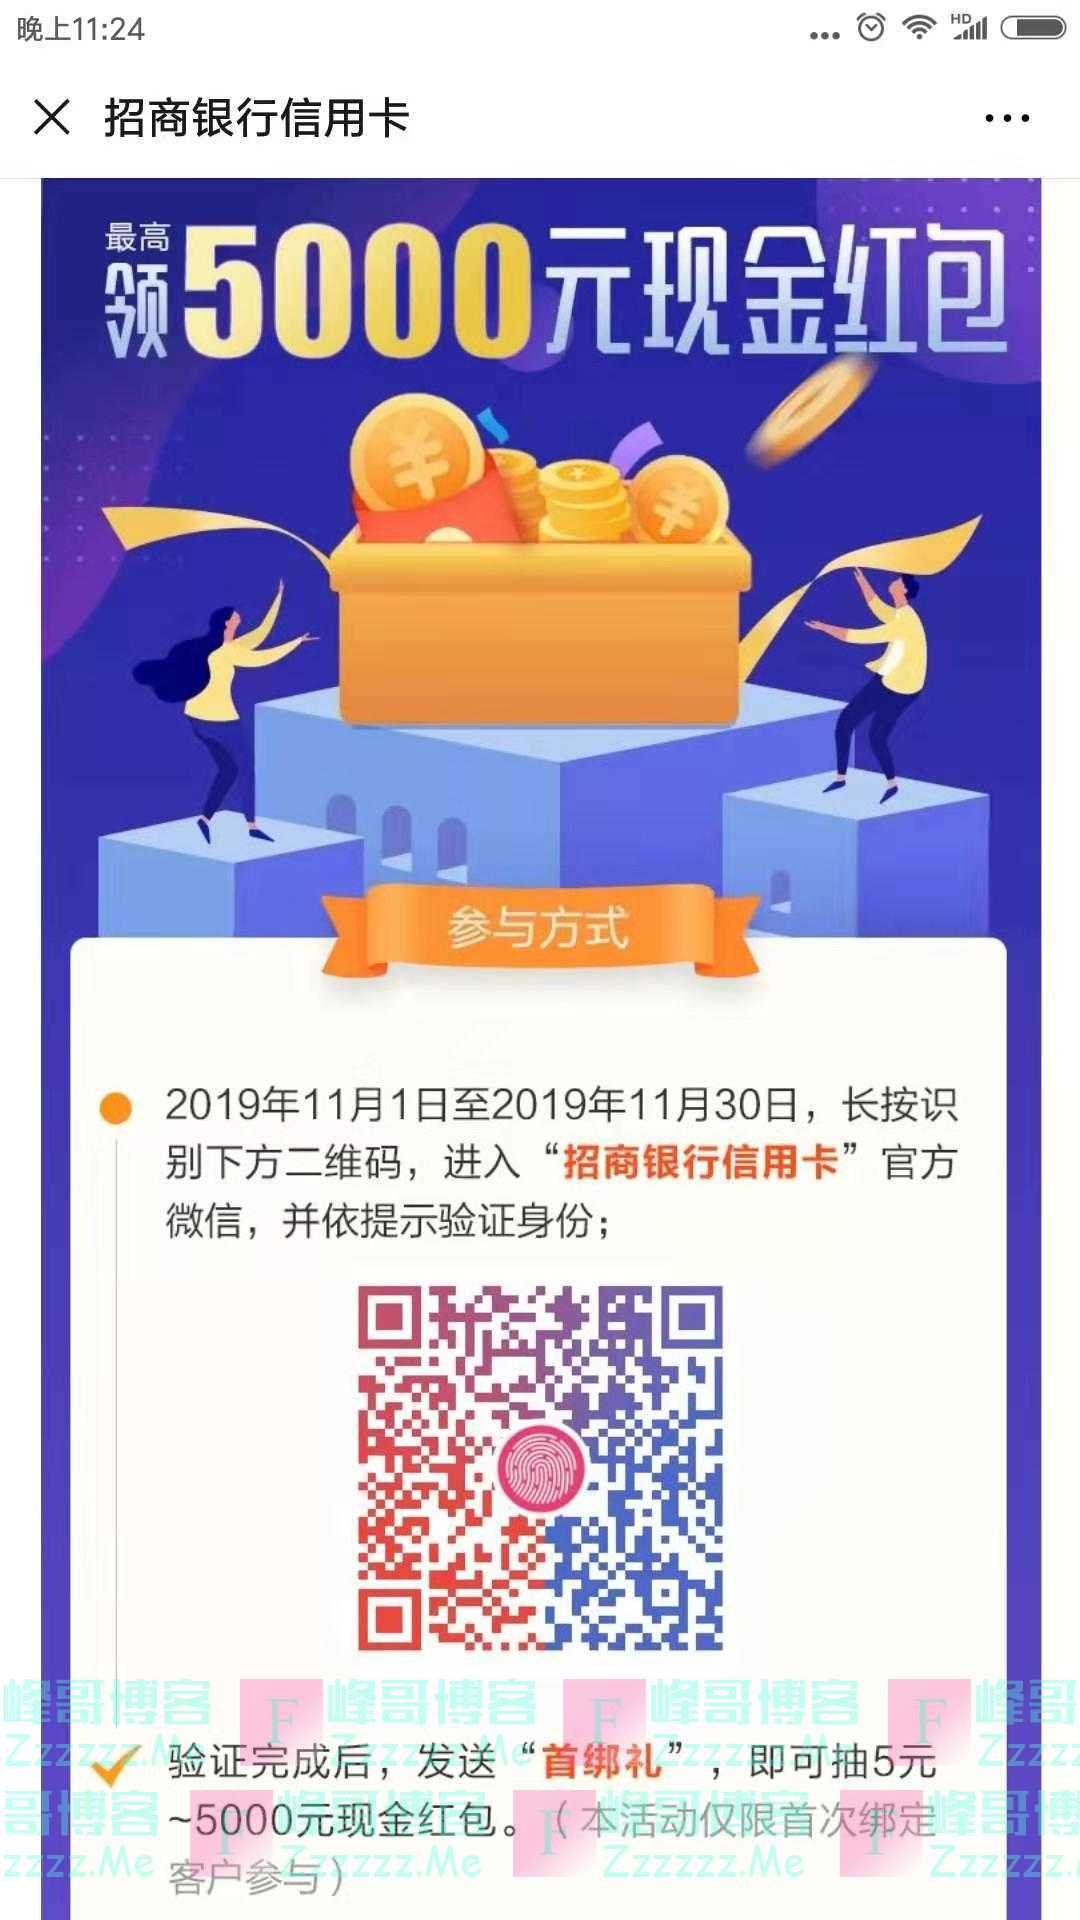 招行xing/用卡首绑礼(截止11月30日)